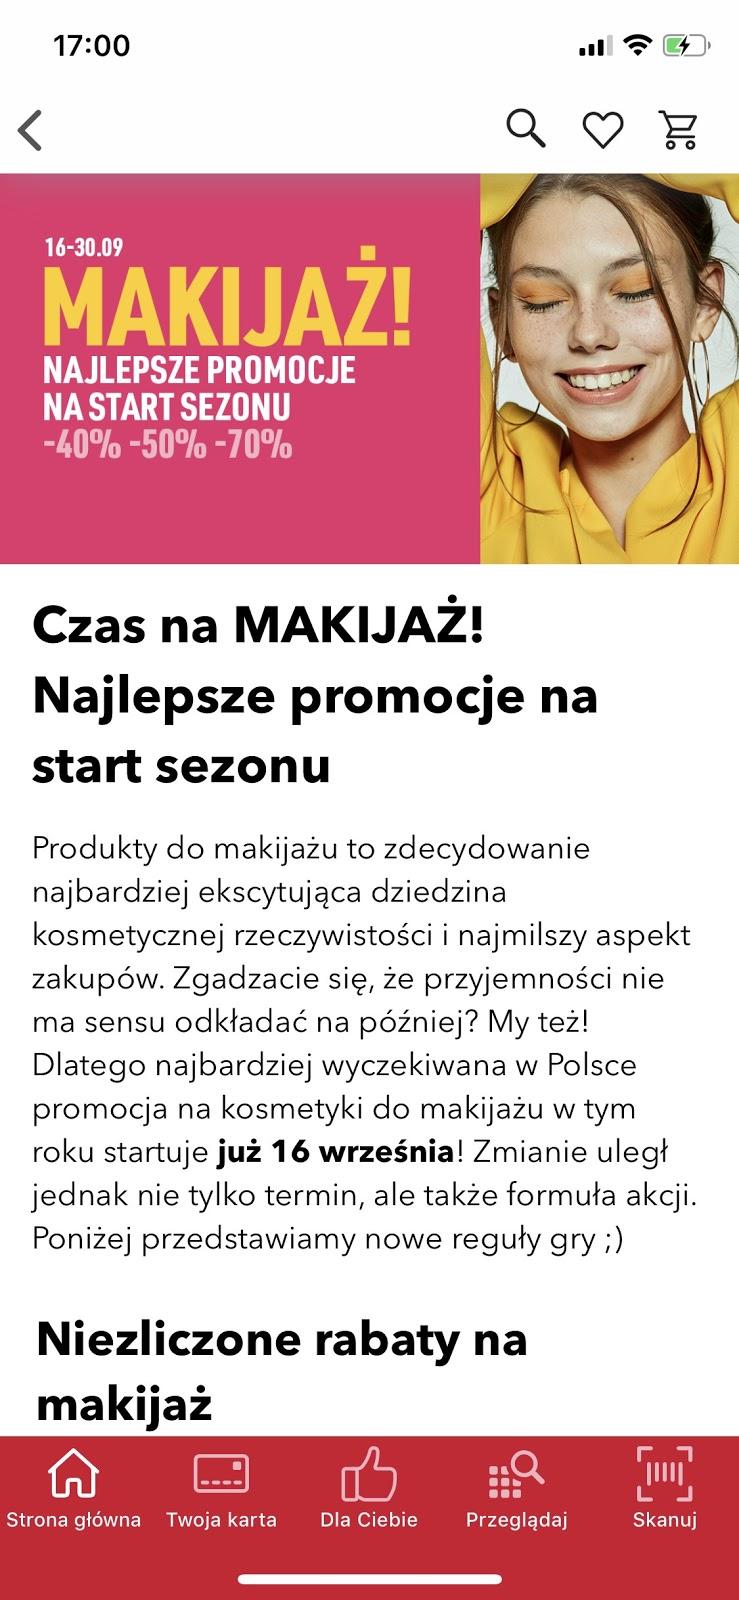 Rossmann promocja na makijaż wrzesień 2019